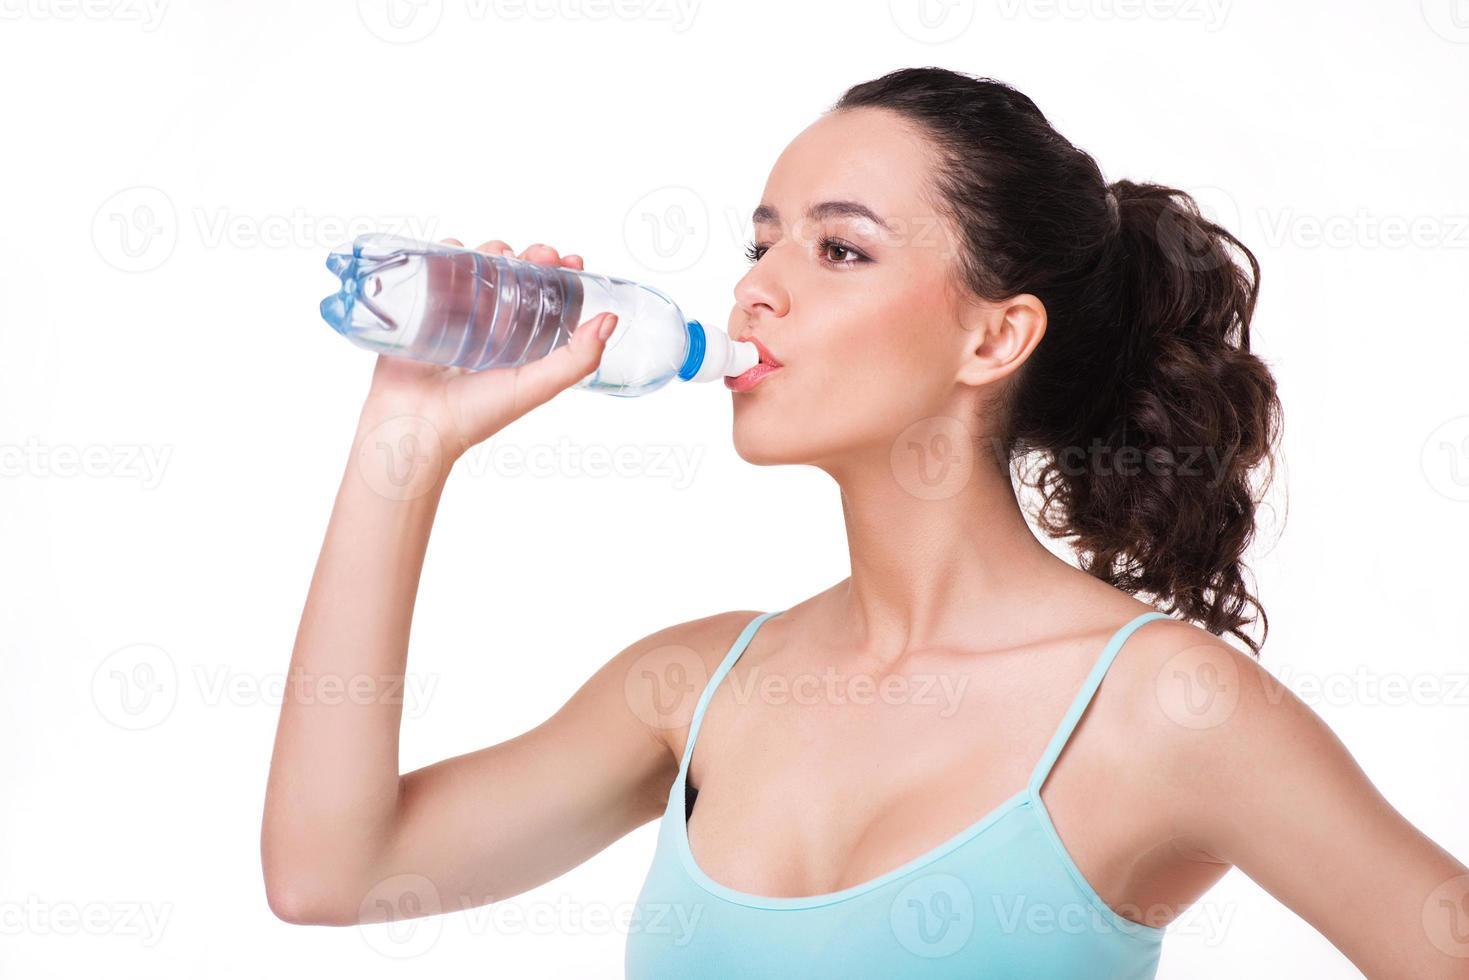 água potável de jovem mulher desportiva foto